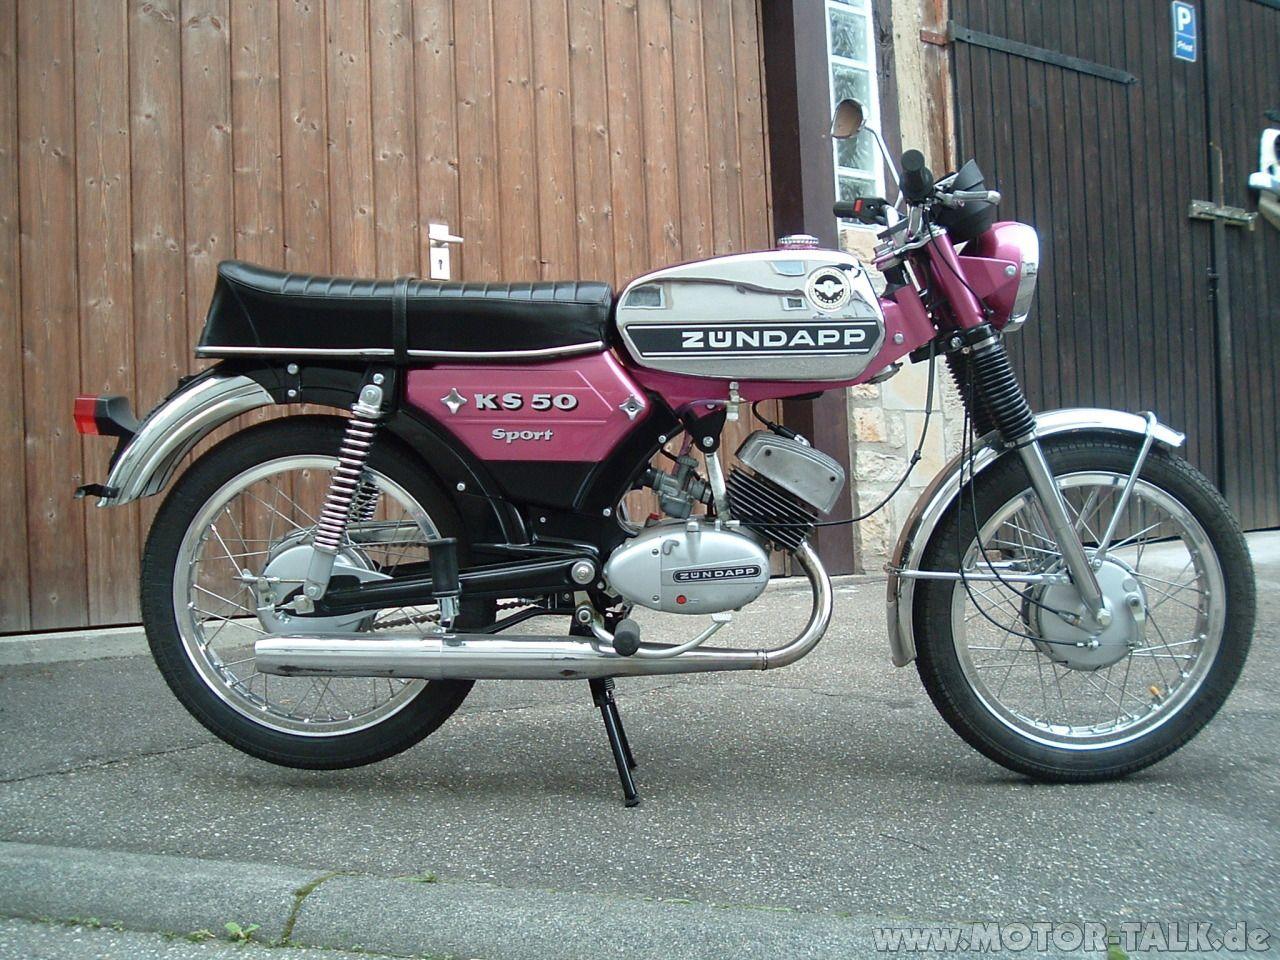 z ndapp ks 50 sport 1975 harley davidson other motorcycles brommers motor en auto 39 s. Black Bedroom Furniture Sets. Home Design Ideas